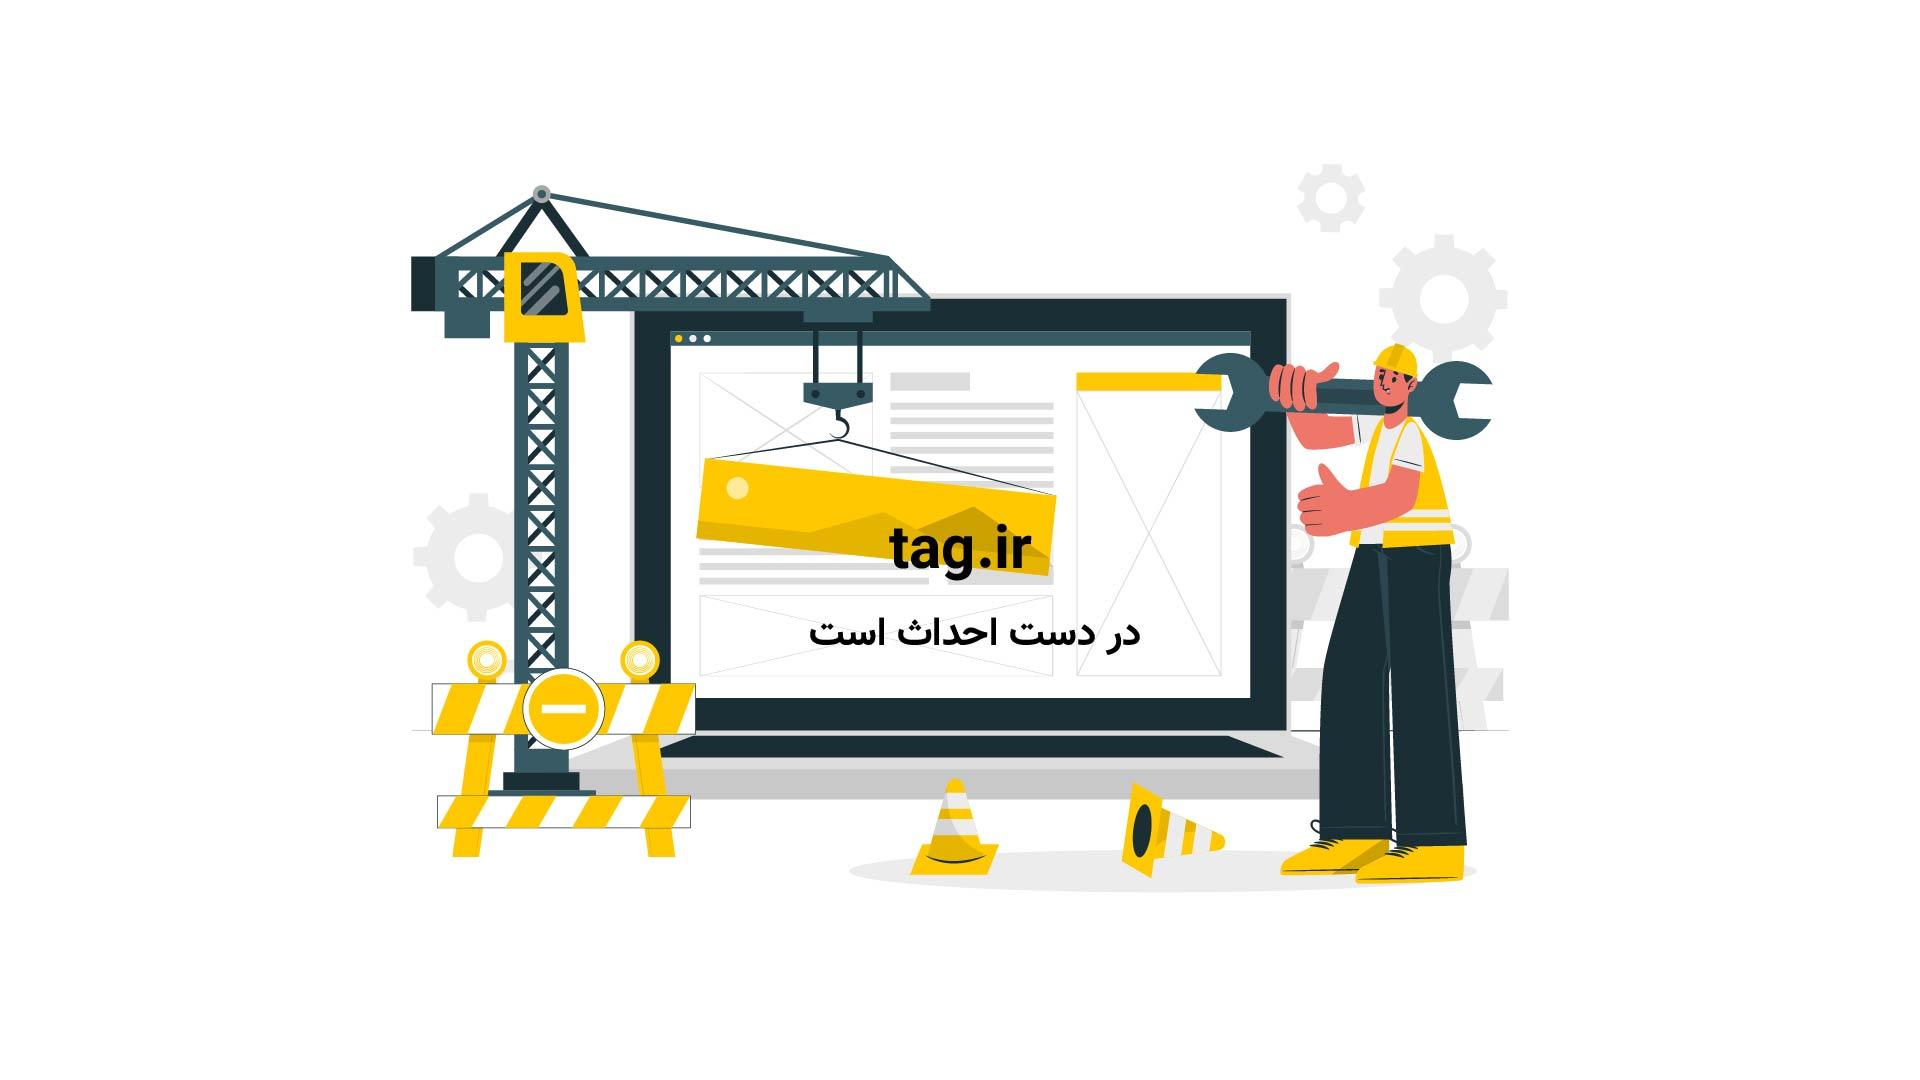 عباس عراقچی | تگ